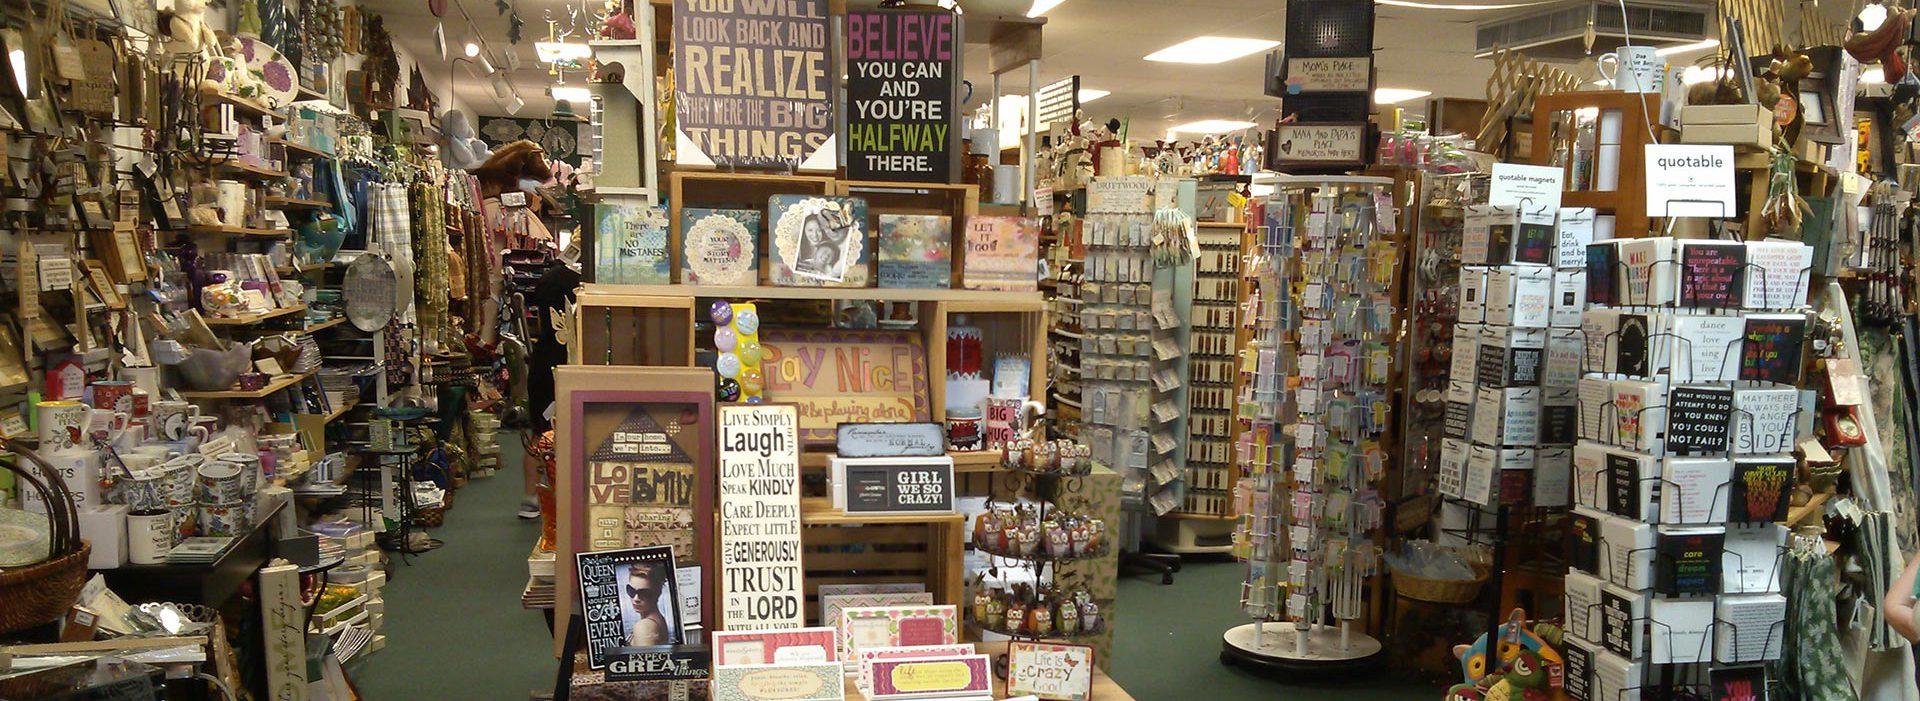 Gift Shop in Albany, NY